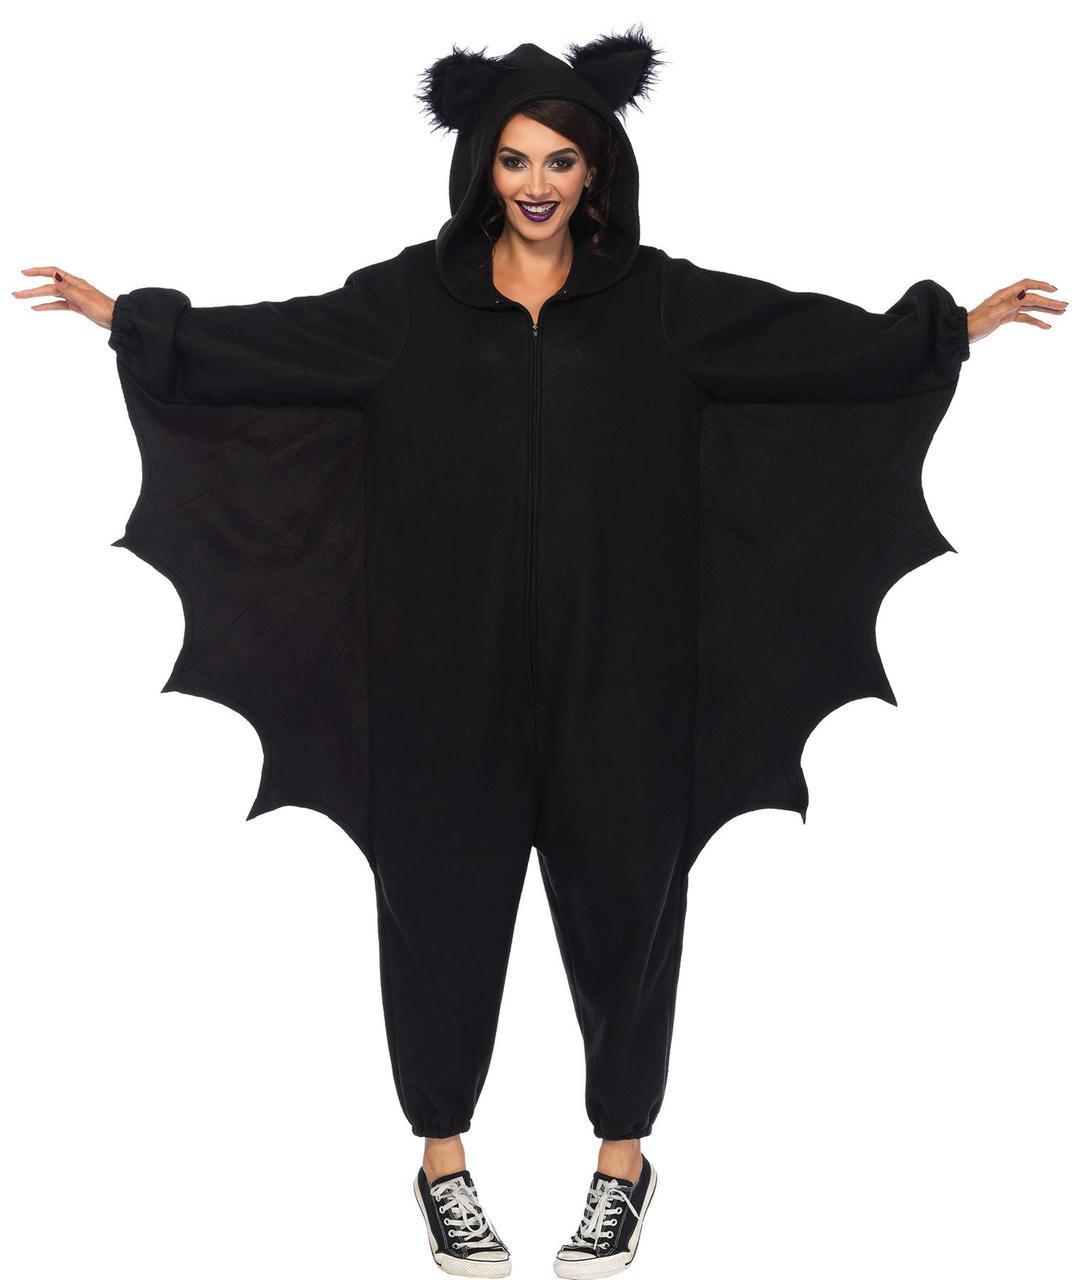 752202e5b Bat Kigarumi Funsie Adult